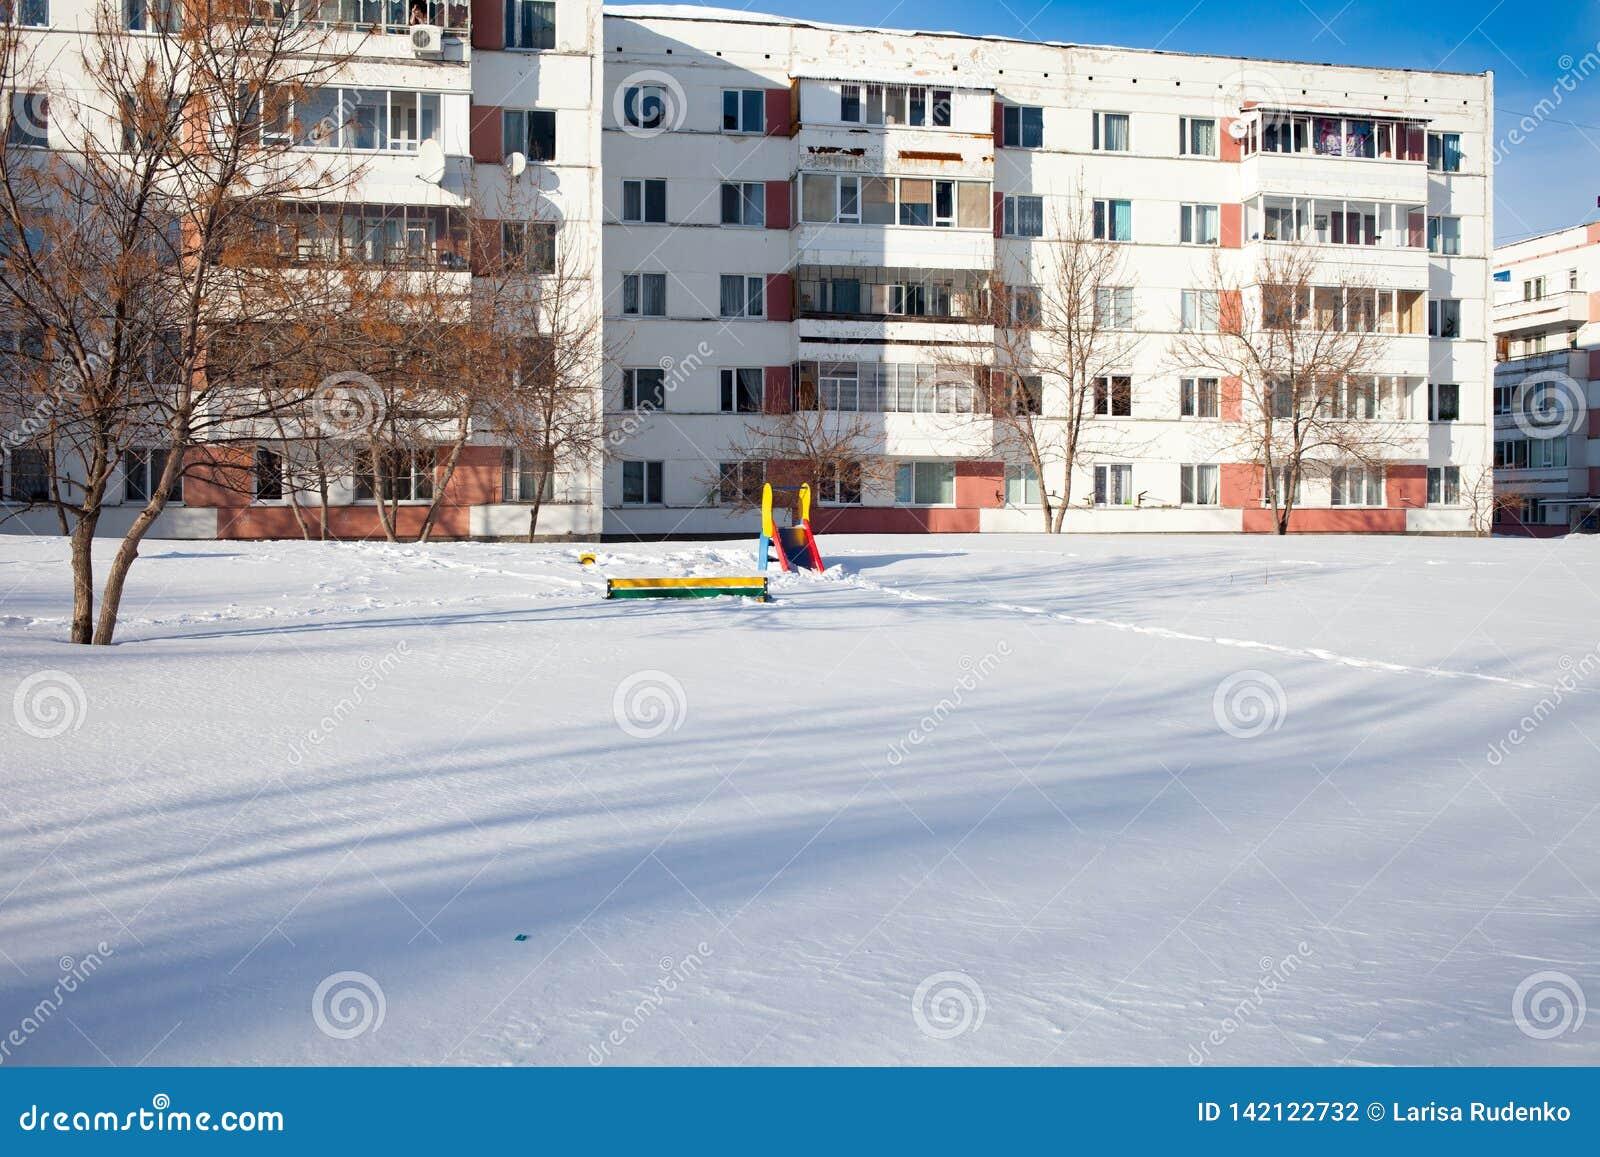 Snö-täckt barn och sportjordning i Ryssland Fattig lokalvård av snö Overksamhet av offentlig service